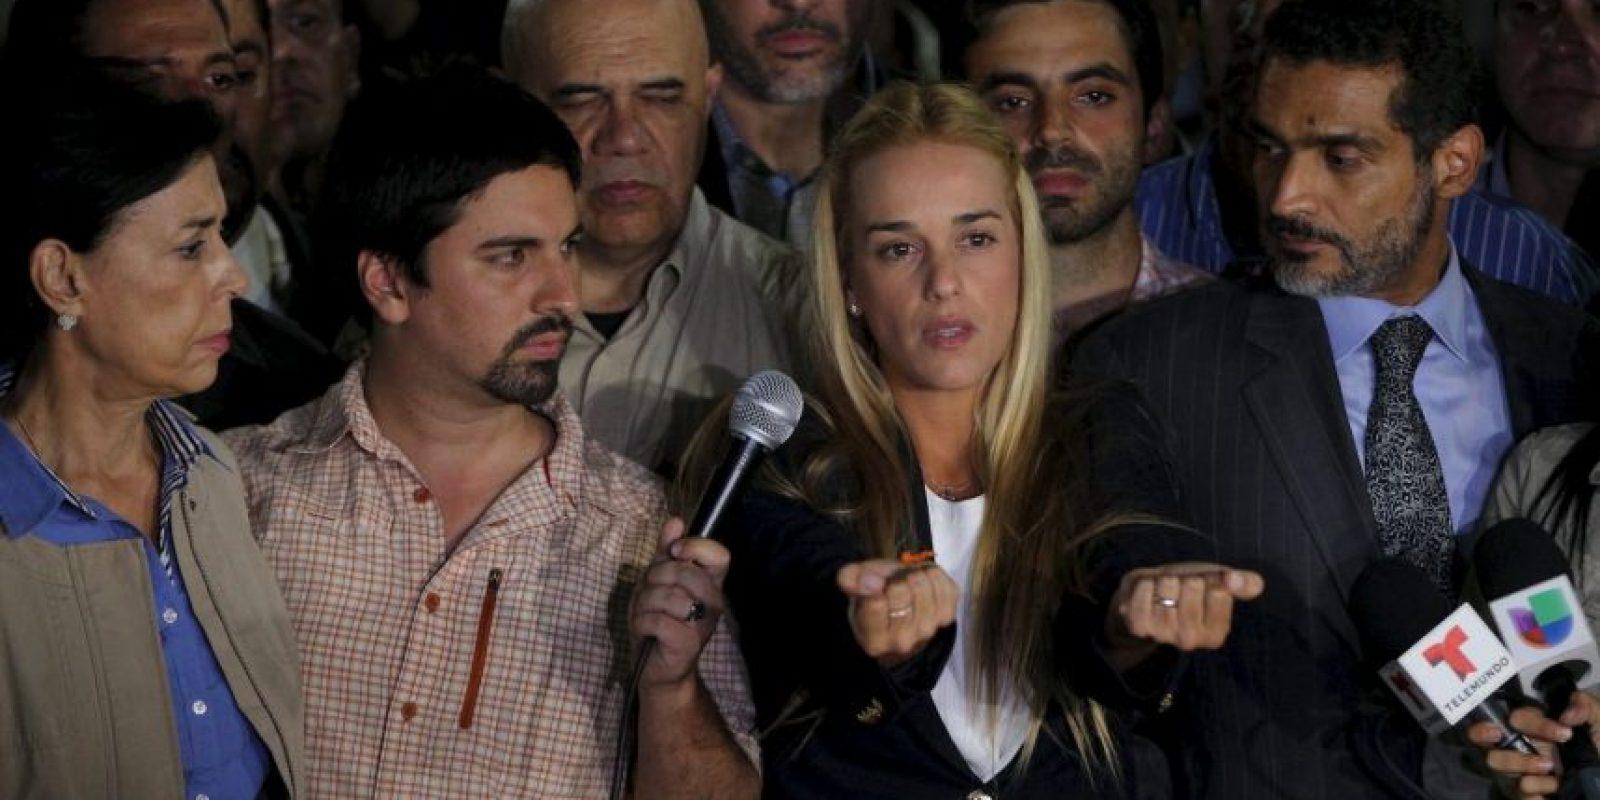 Después de recibir su condena, la esposa de López, Lilian Tintori, a declarado que sufre tortura sicolóigica y aislamiento en solitario. Foto:AP